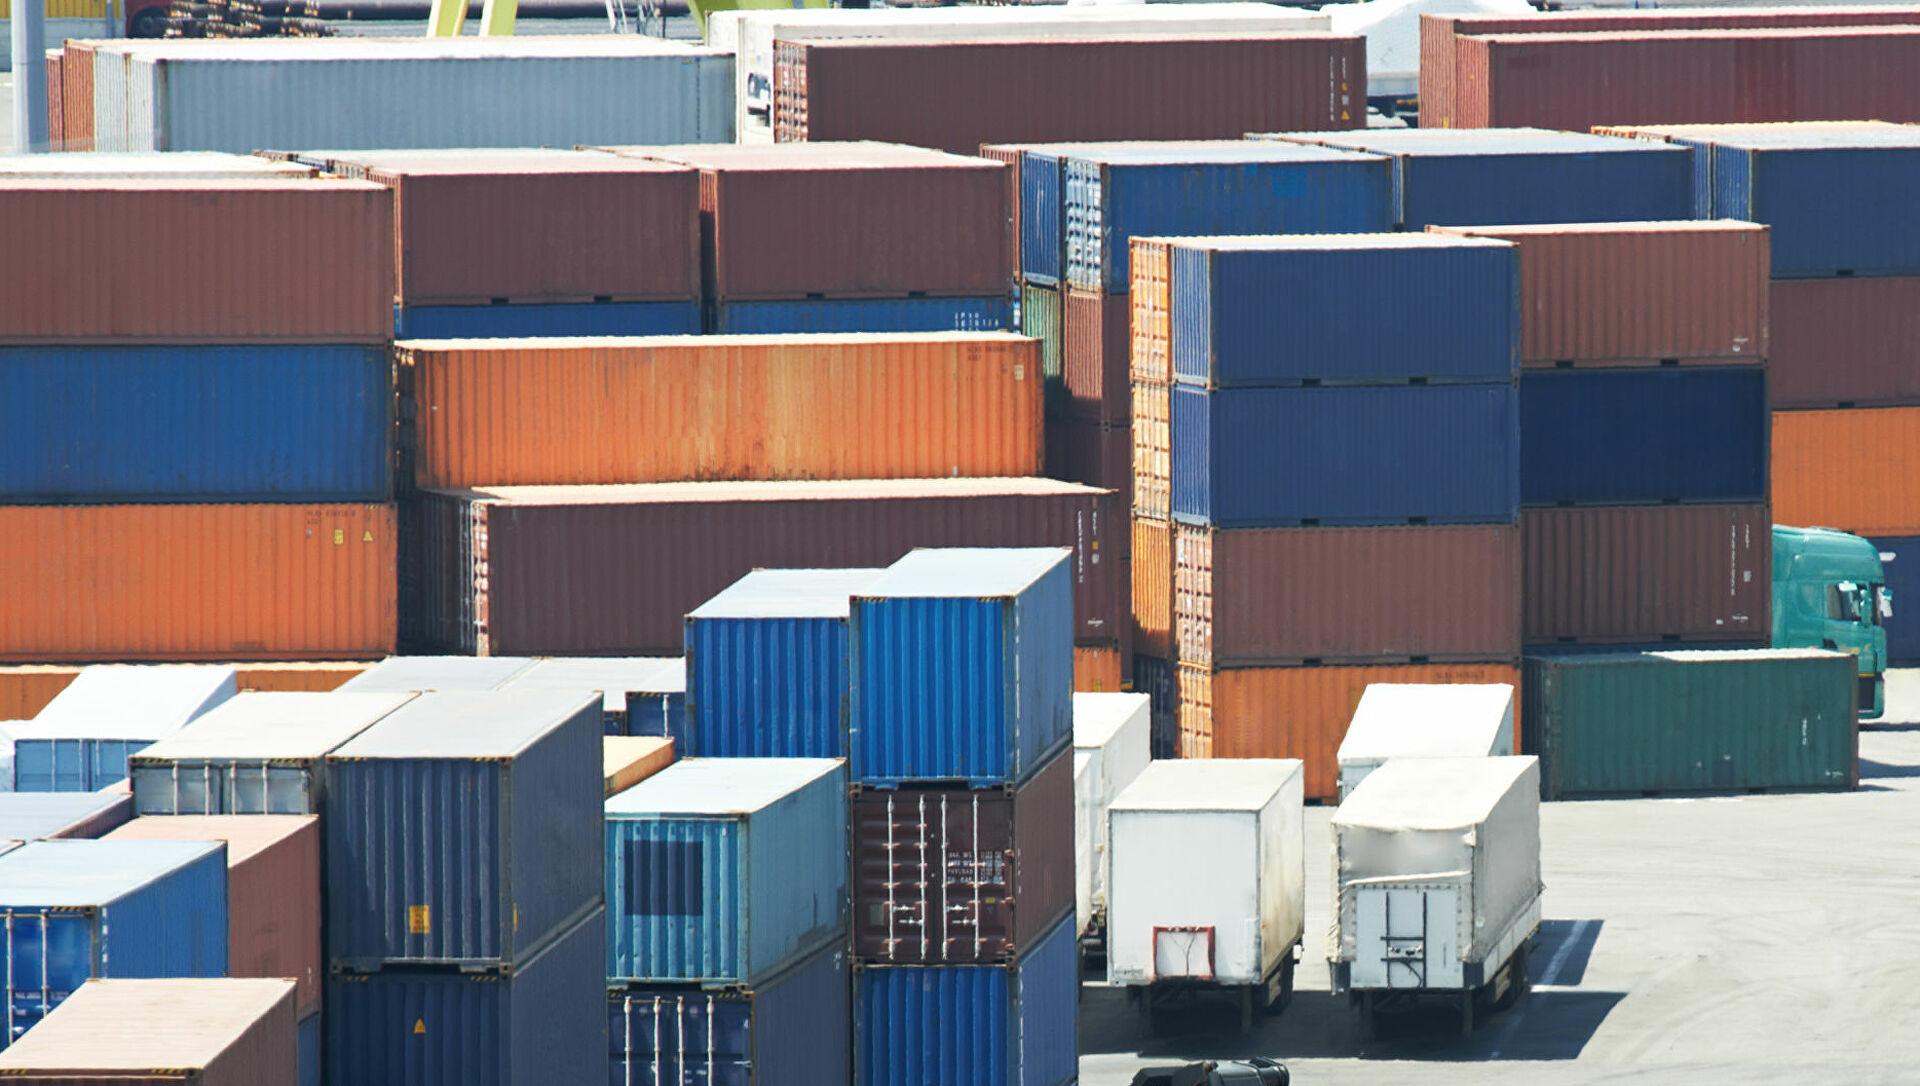 Назван самый крупный импортер продукции Узбекистана с начала года